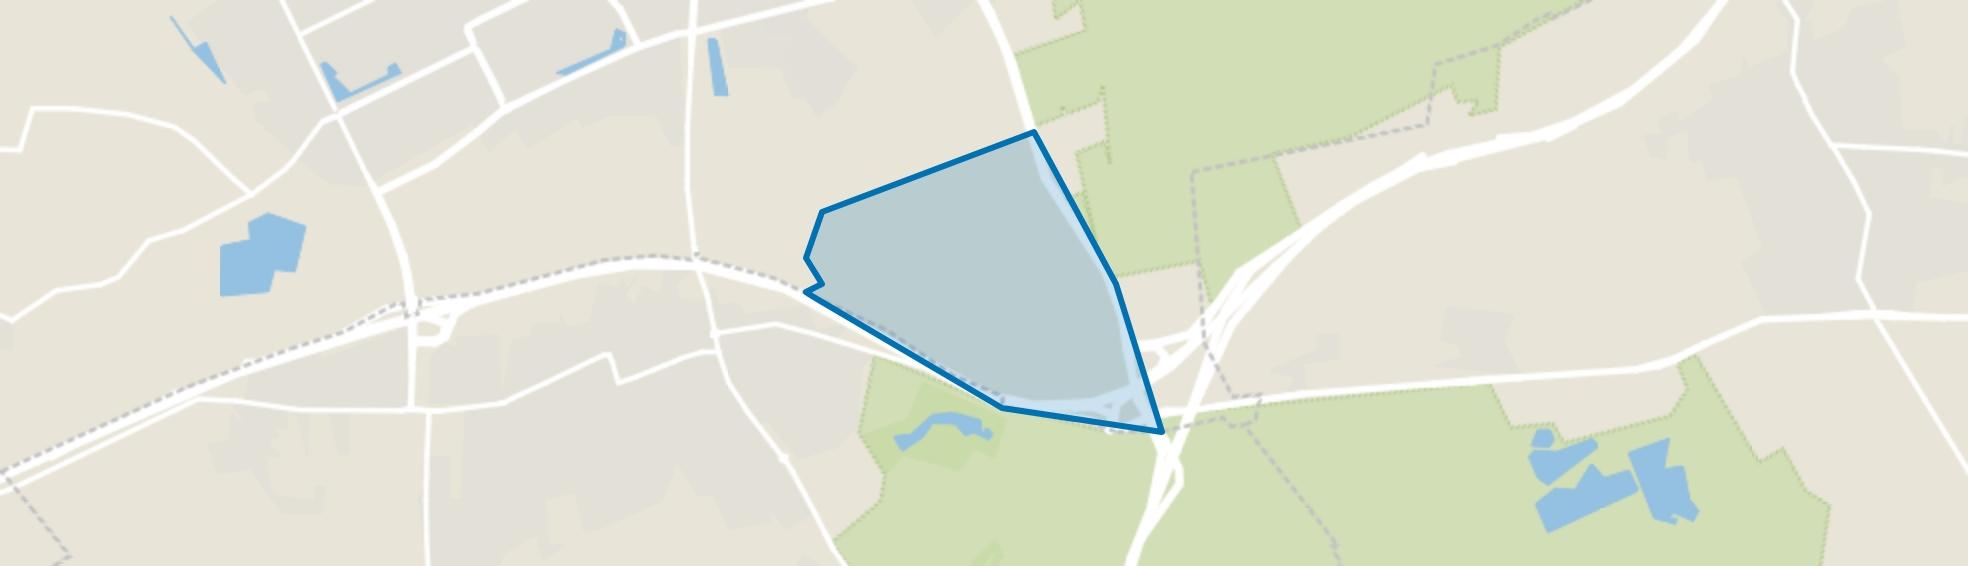 Vorstengraf, Oss map